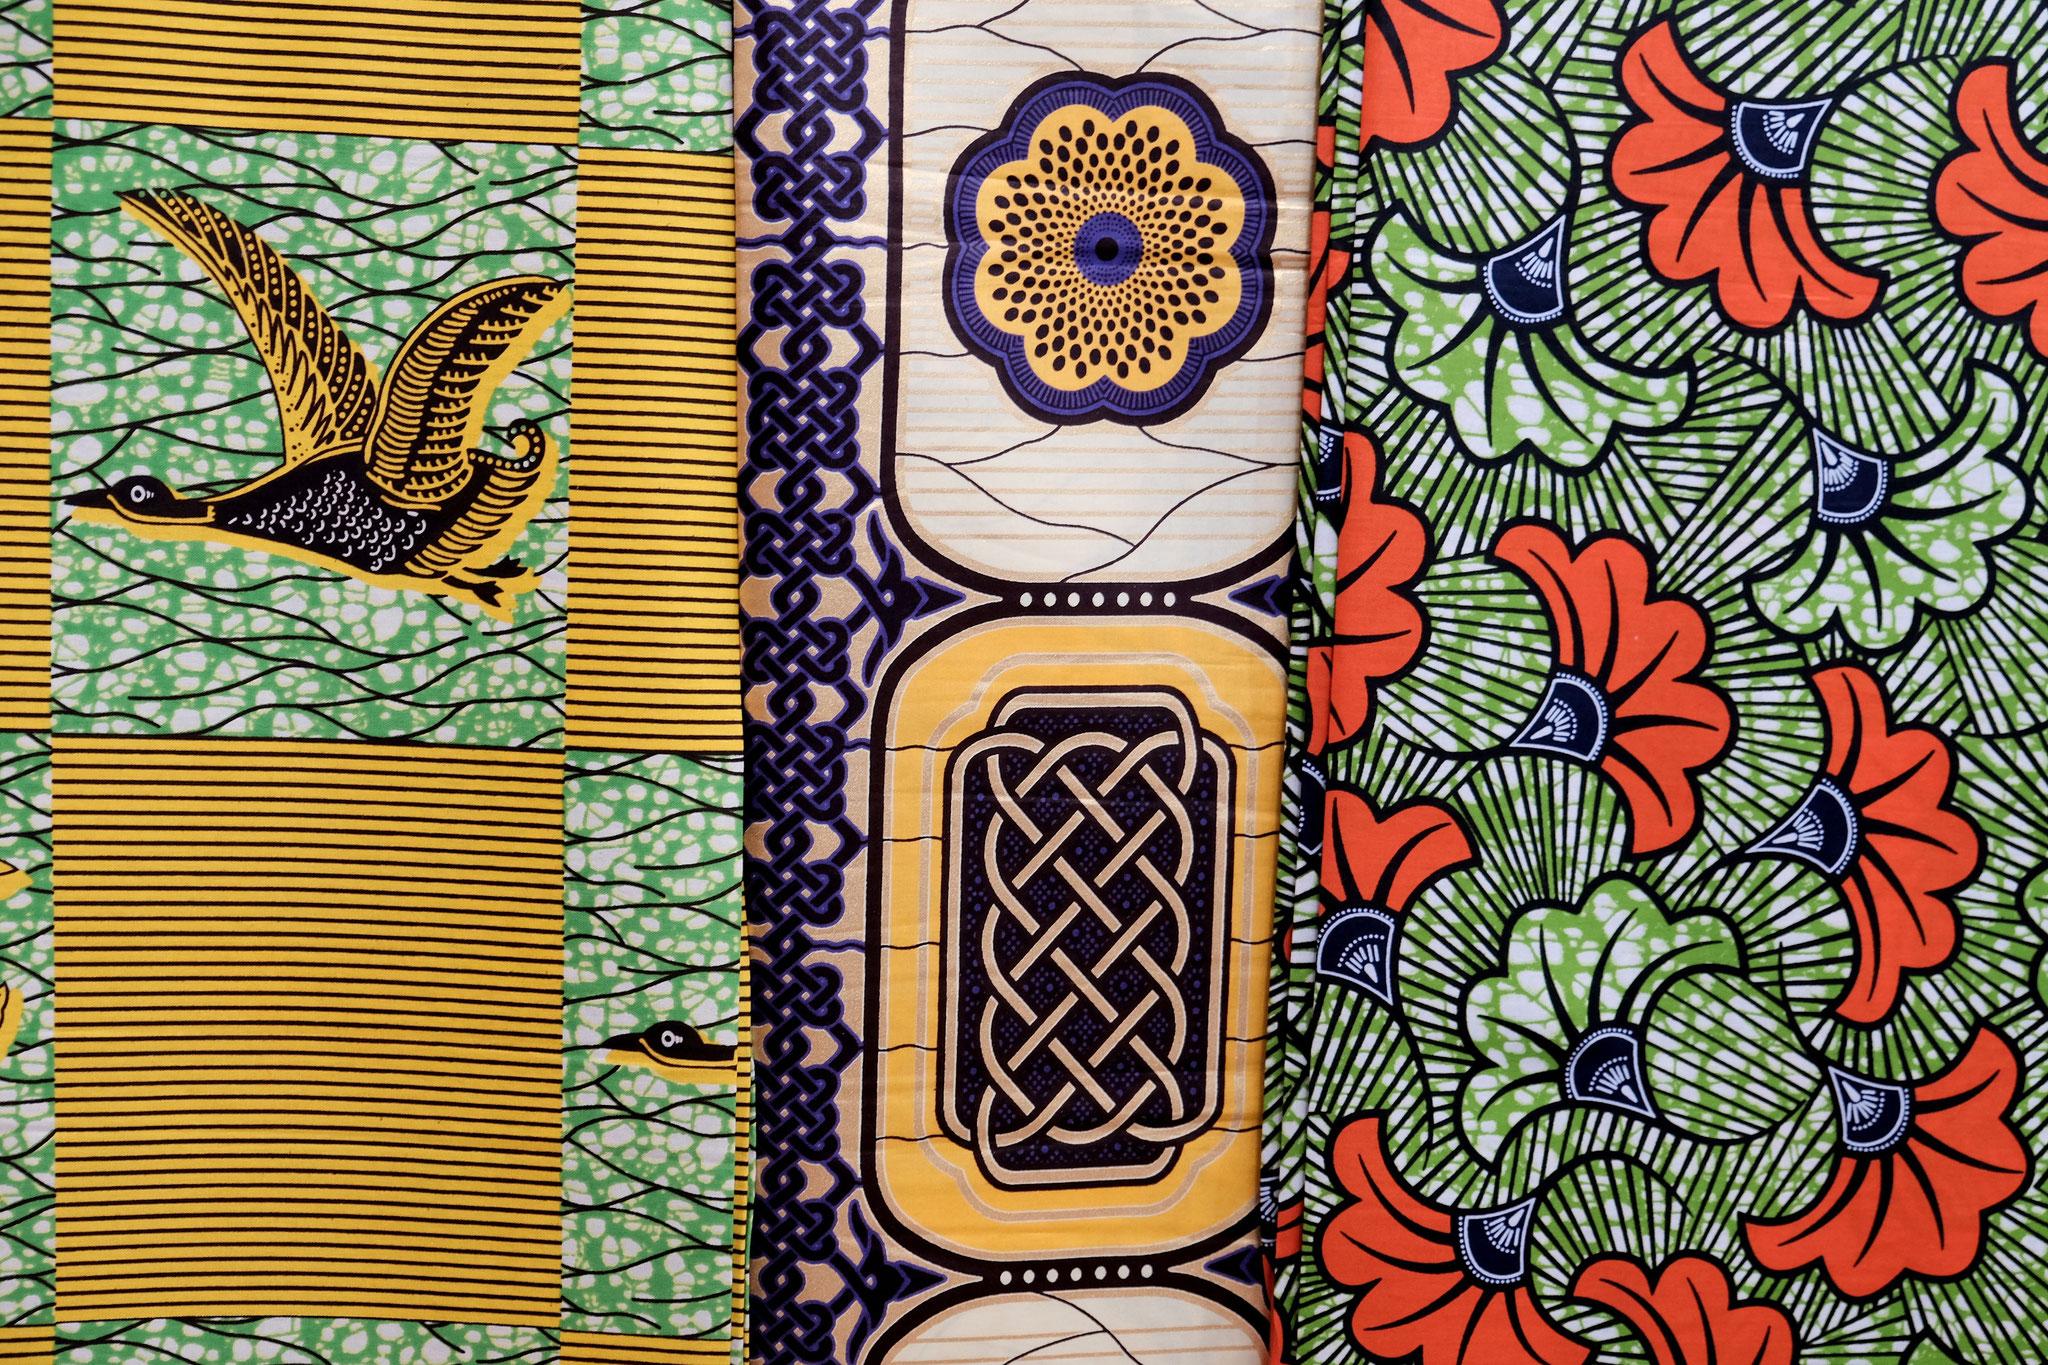 Les fabricants renouvellent les motifs des tissus tous les deux mois: fleurs, oiseaux, dessins géométriques